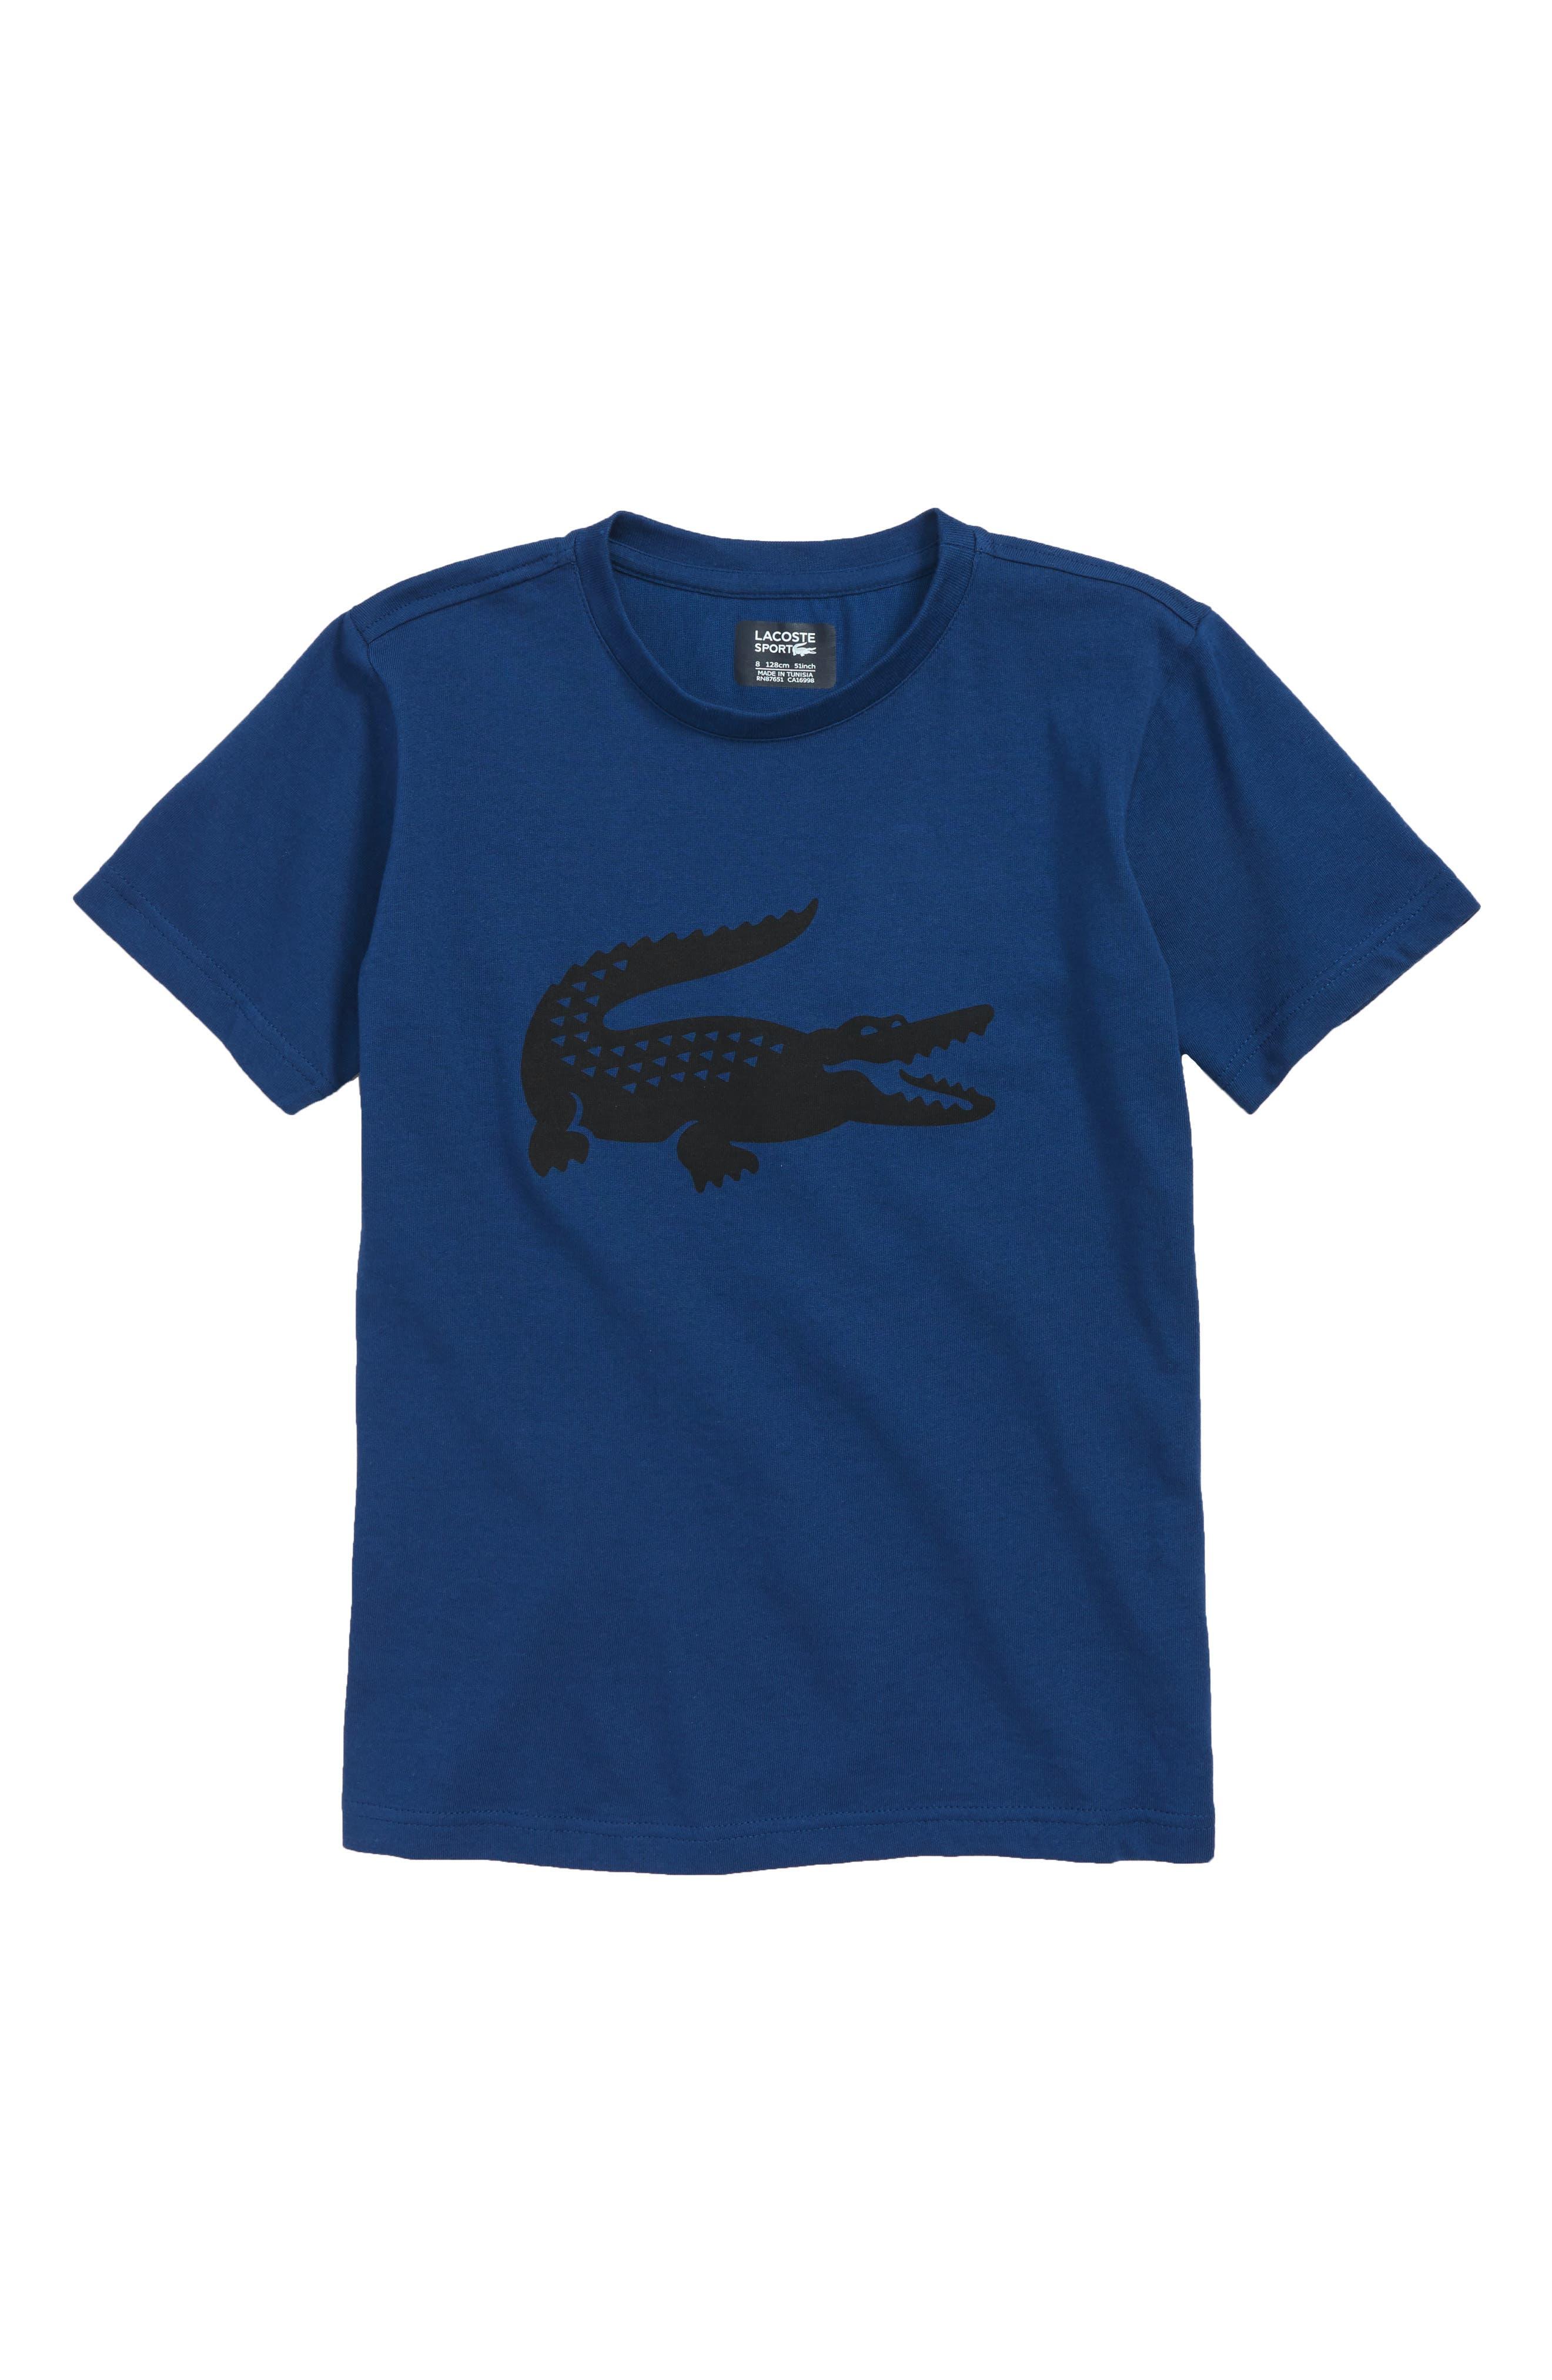 Boys Lacoste Croc Graphic TShirt